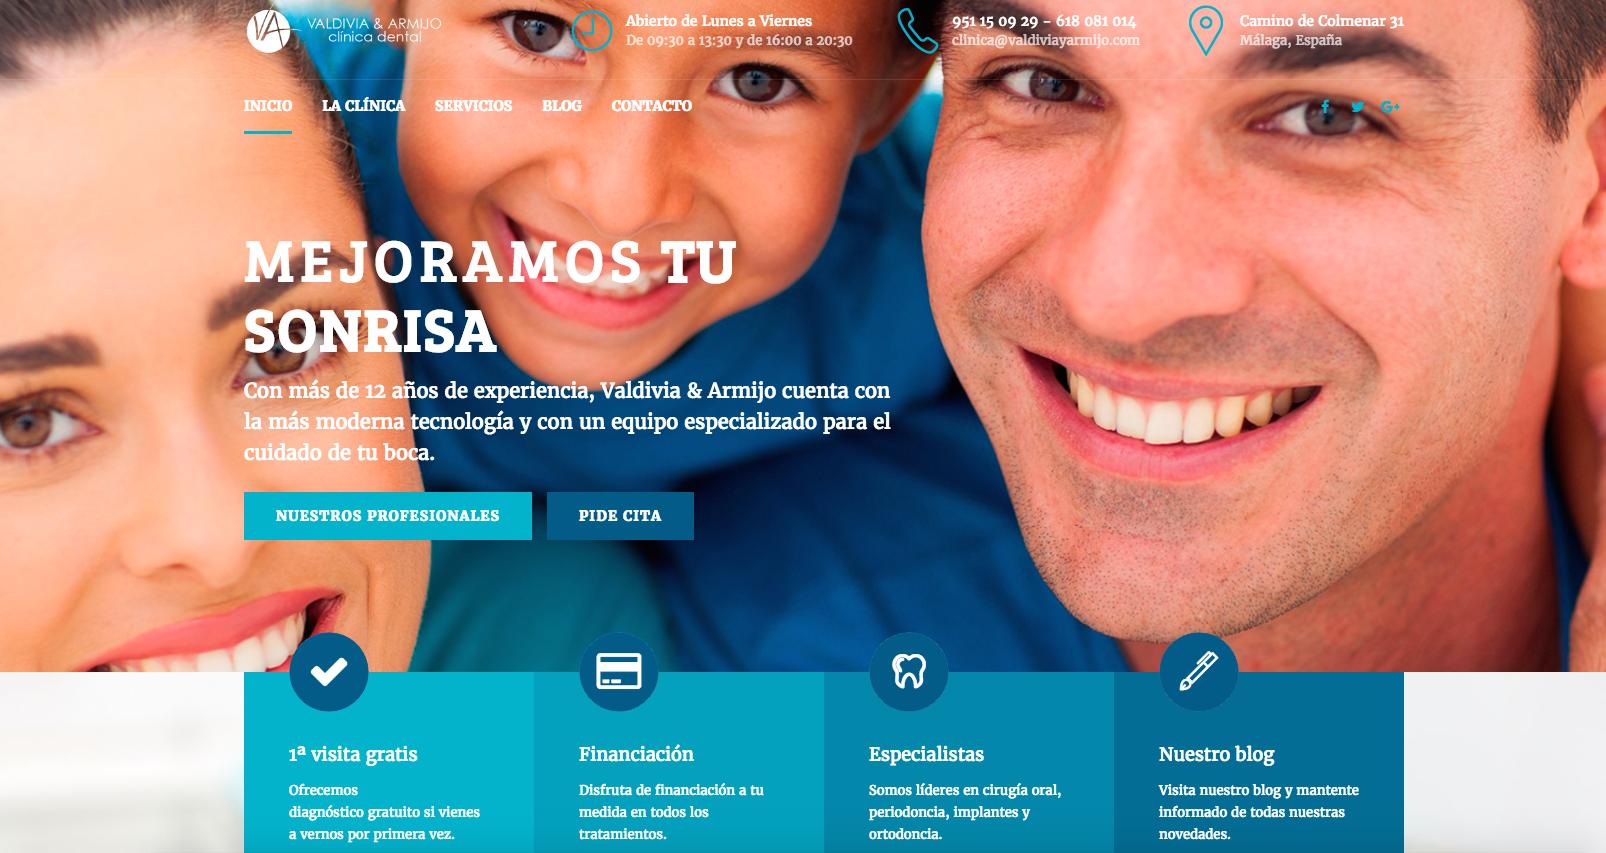 Clinica Dental Malaga Valdivia Y Armijo Dentista Malaga